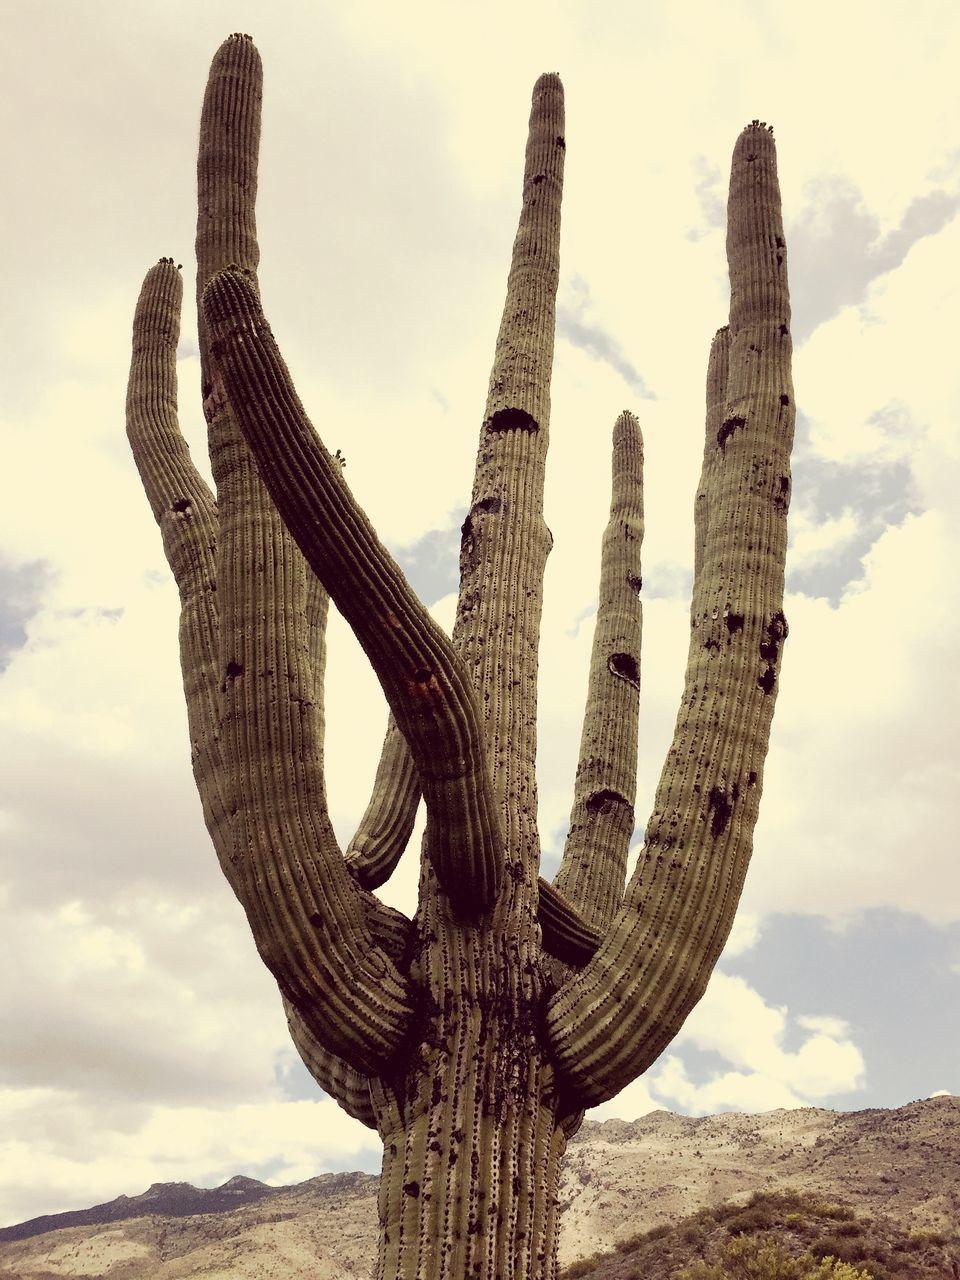 Low Angle View Of Saguaro Cactus